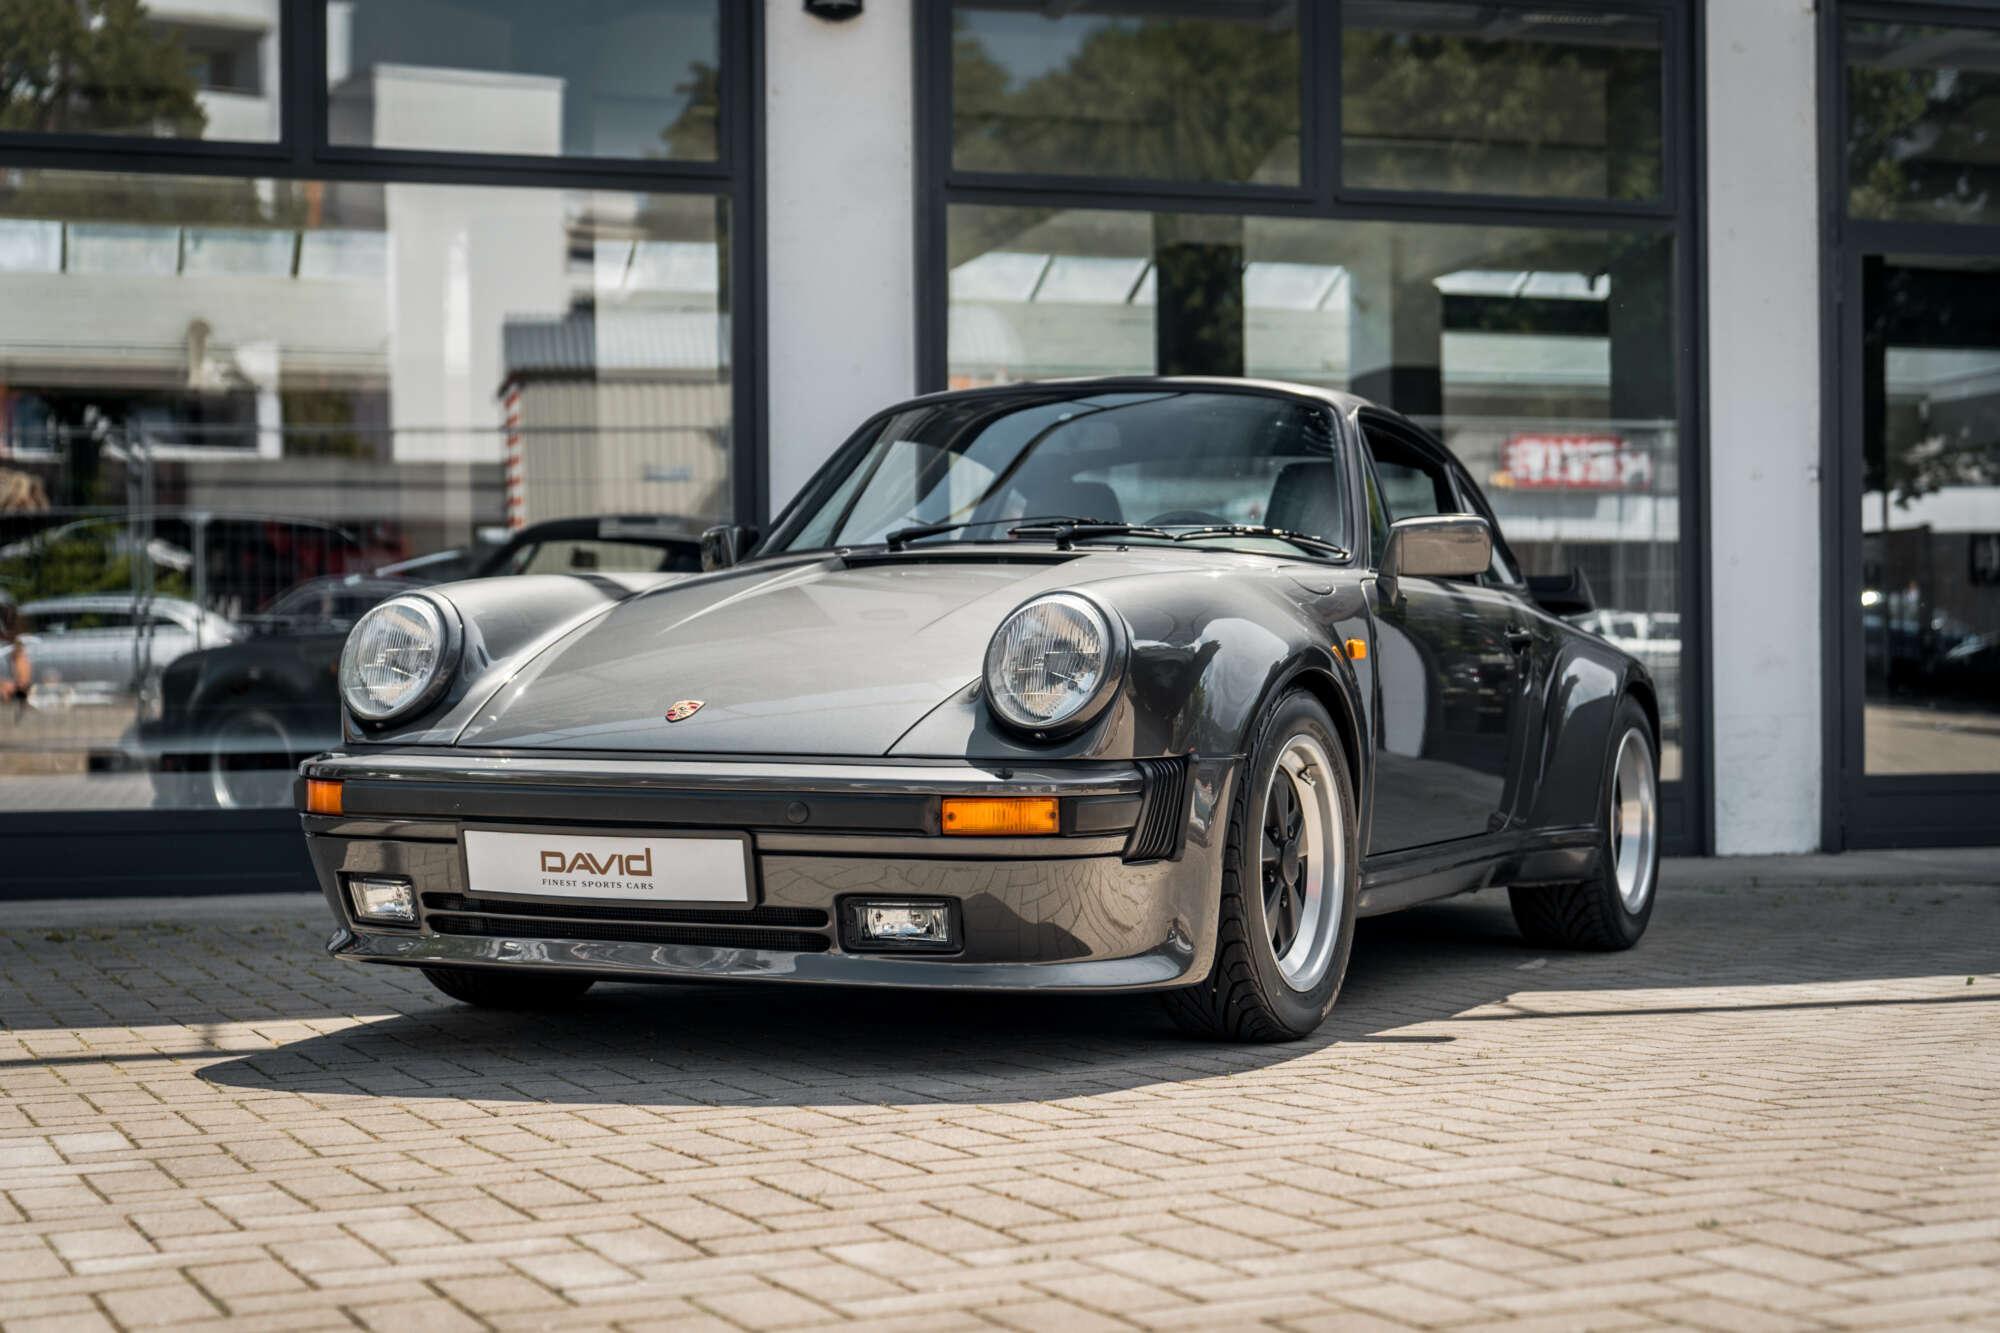 Porsche 911 Turbo 3.3 WLS